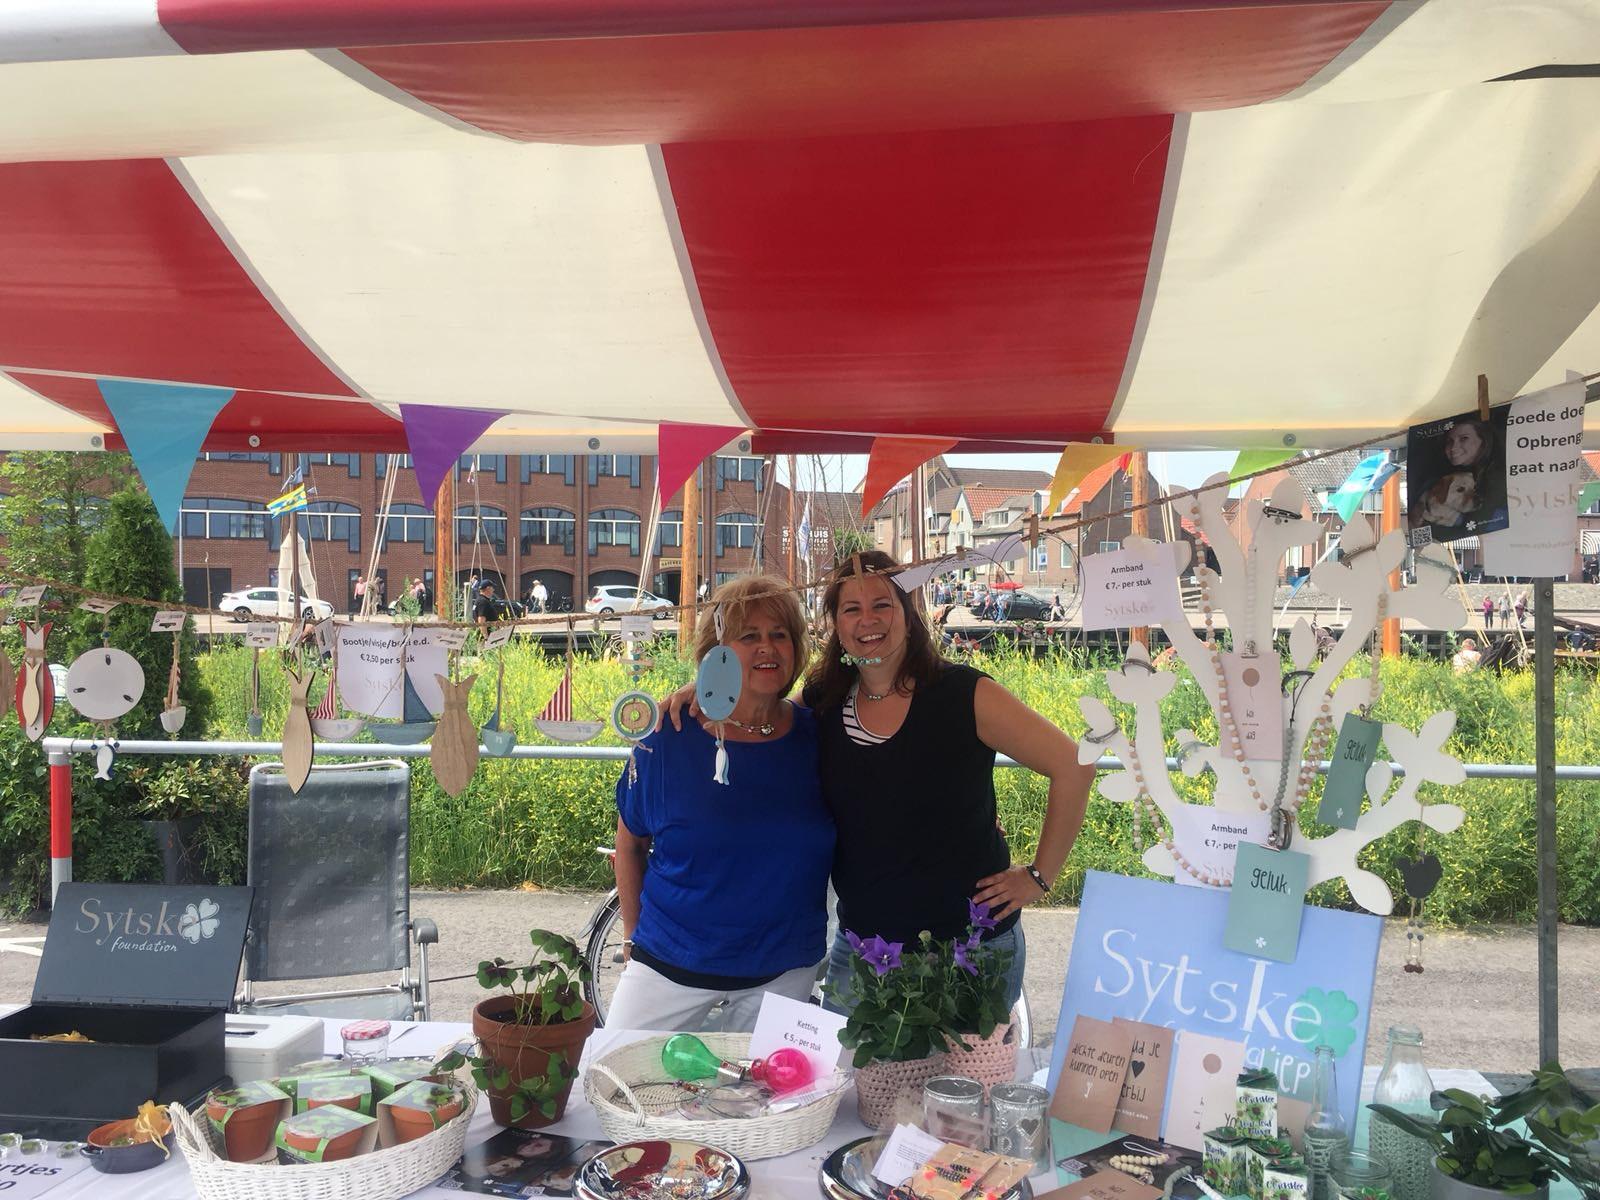 Aaltjesdag in Harderwijk voor Sytske Foundation: Opbrengst €450! DANK!